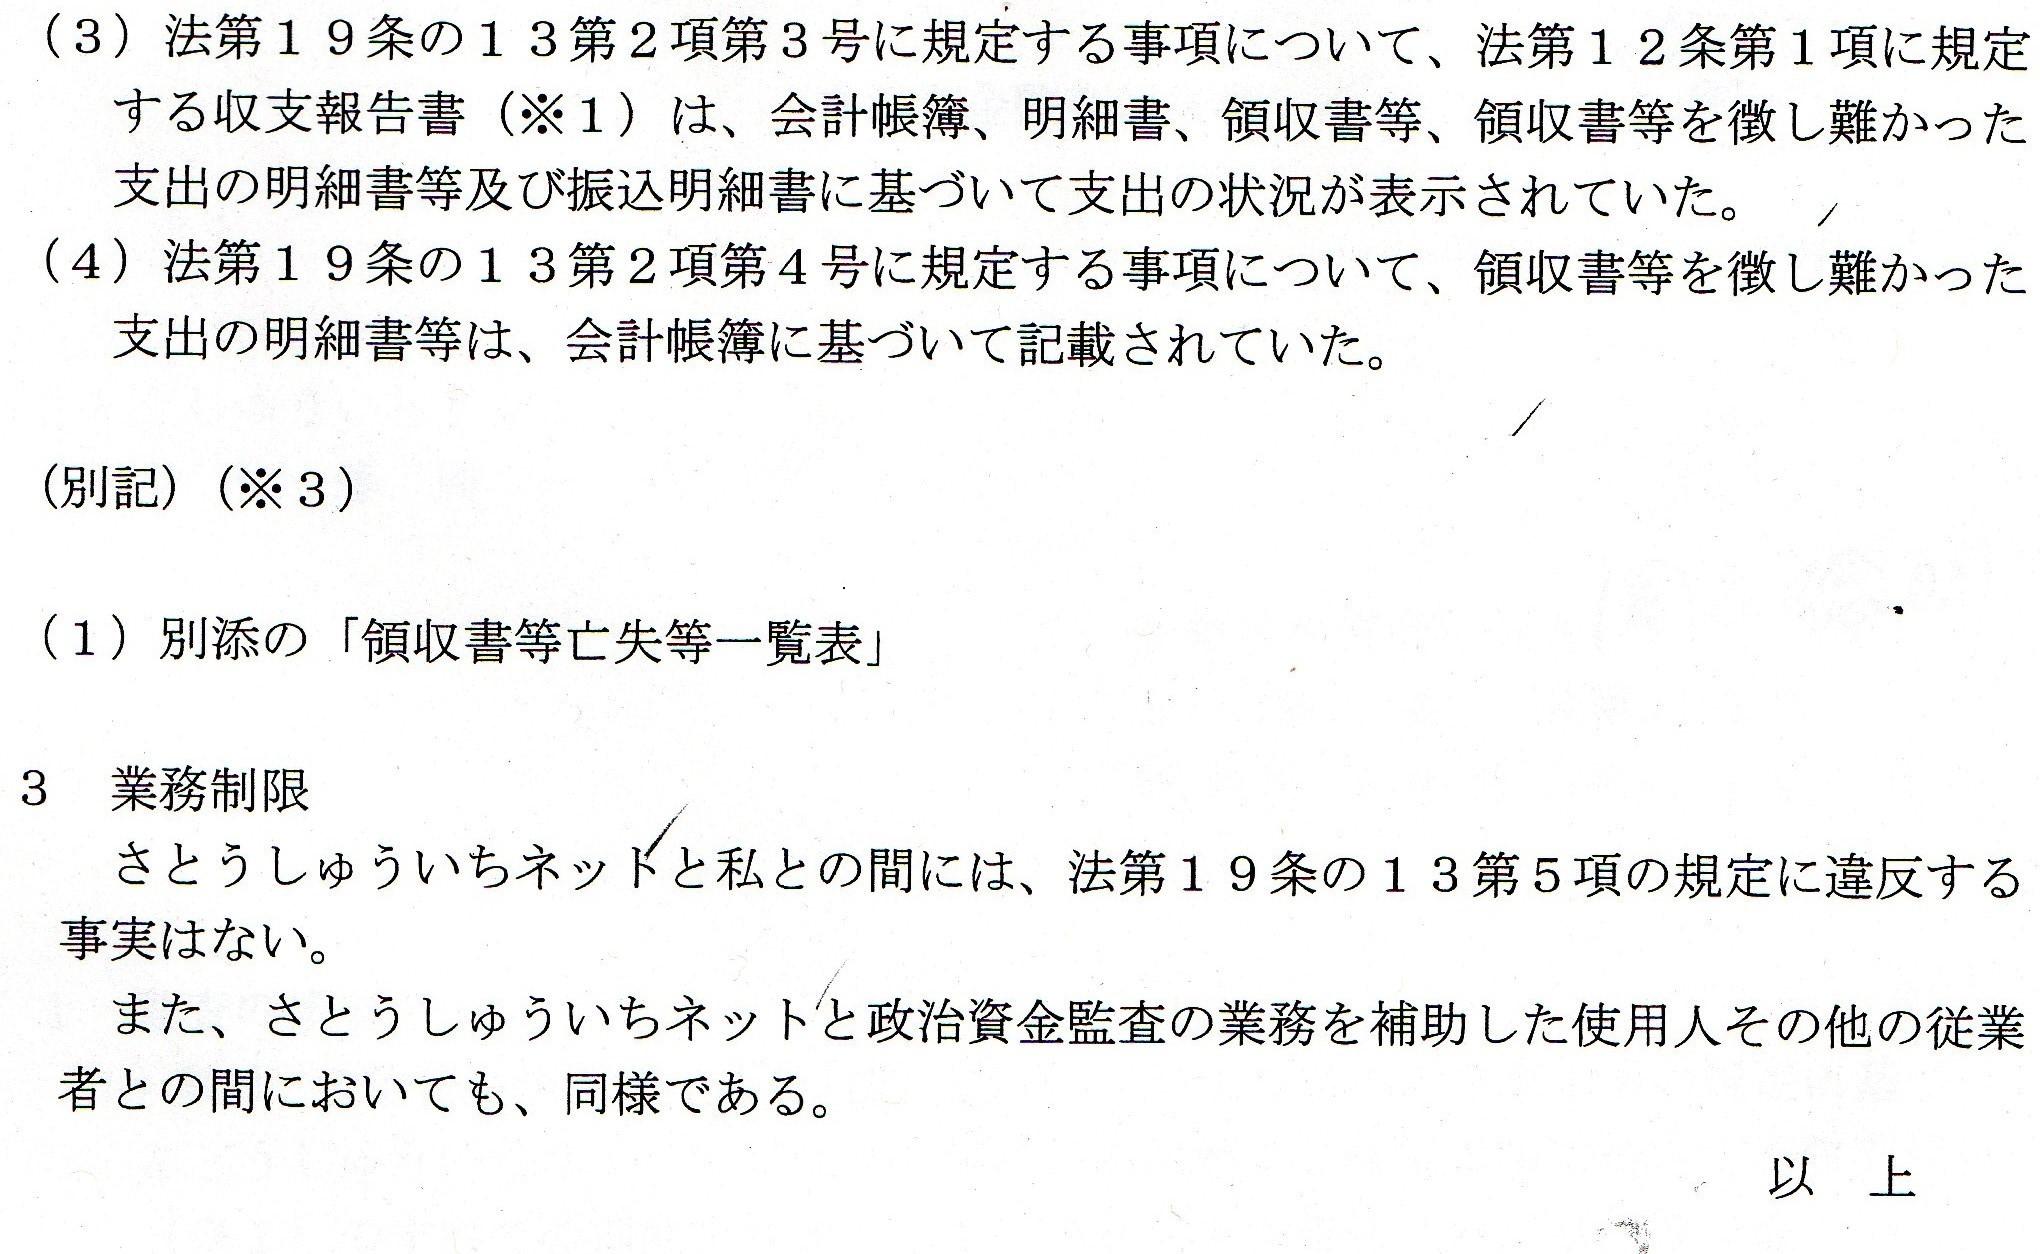 本紙社主・さとうしゅういち、資金管理団体の収支報告書を県選管に提出_e0094315_19254095.jpg